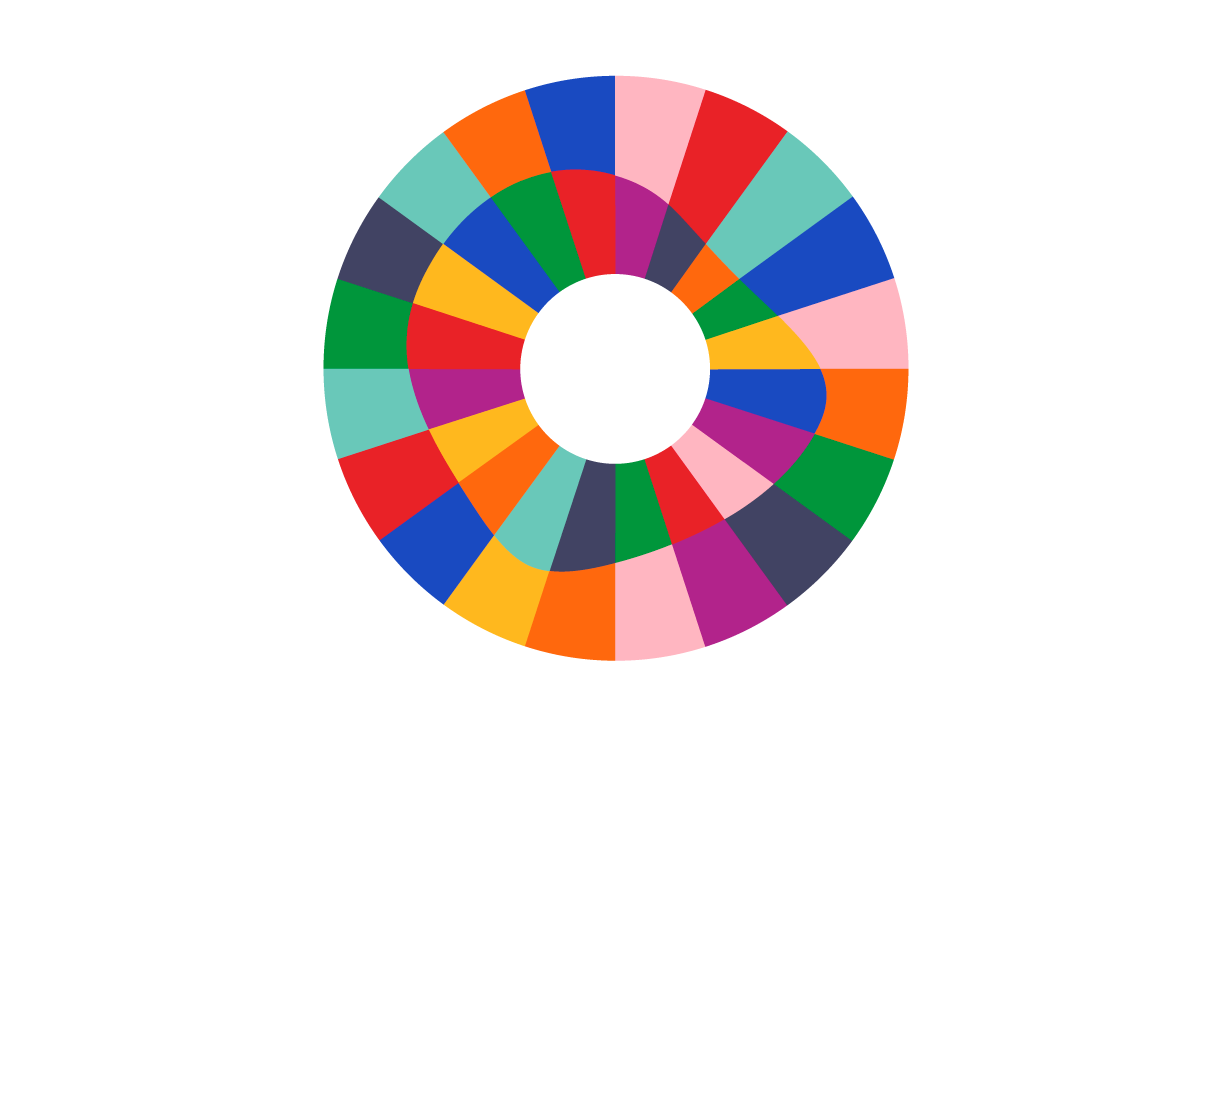 https://fondationdrjulien.org/wp-content/uploads/2021/04/FDJ_logo_RGB_vert_b-1-e1618403449265.png